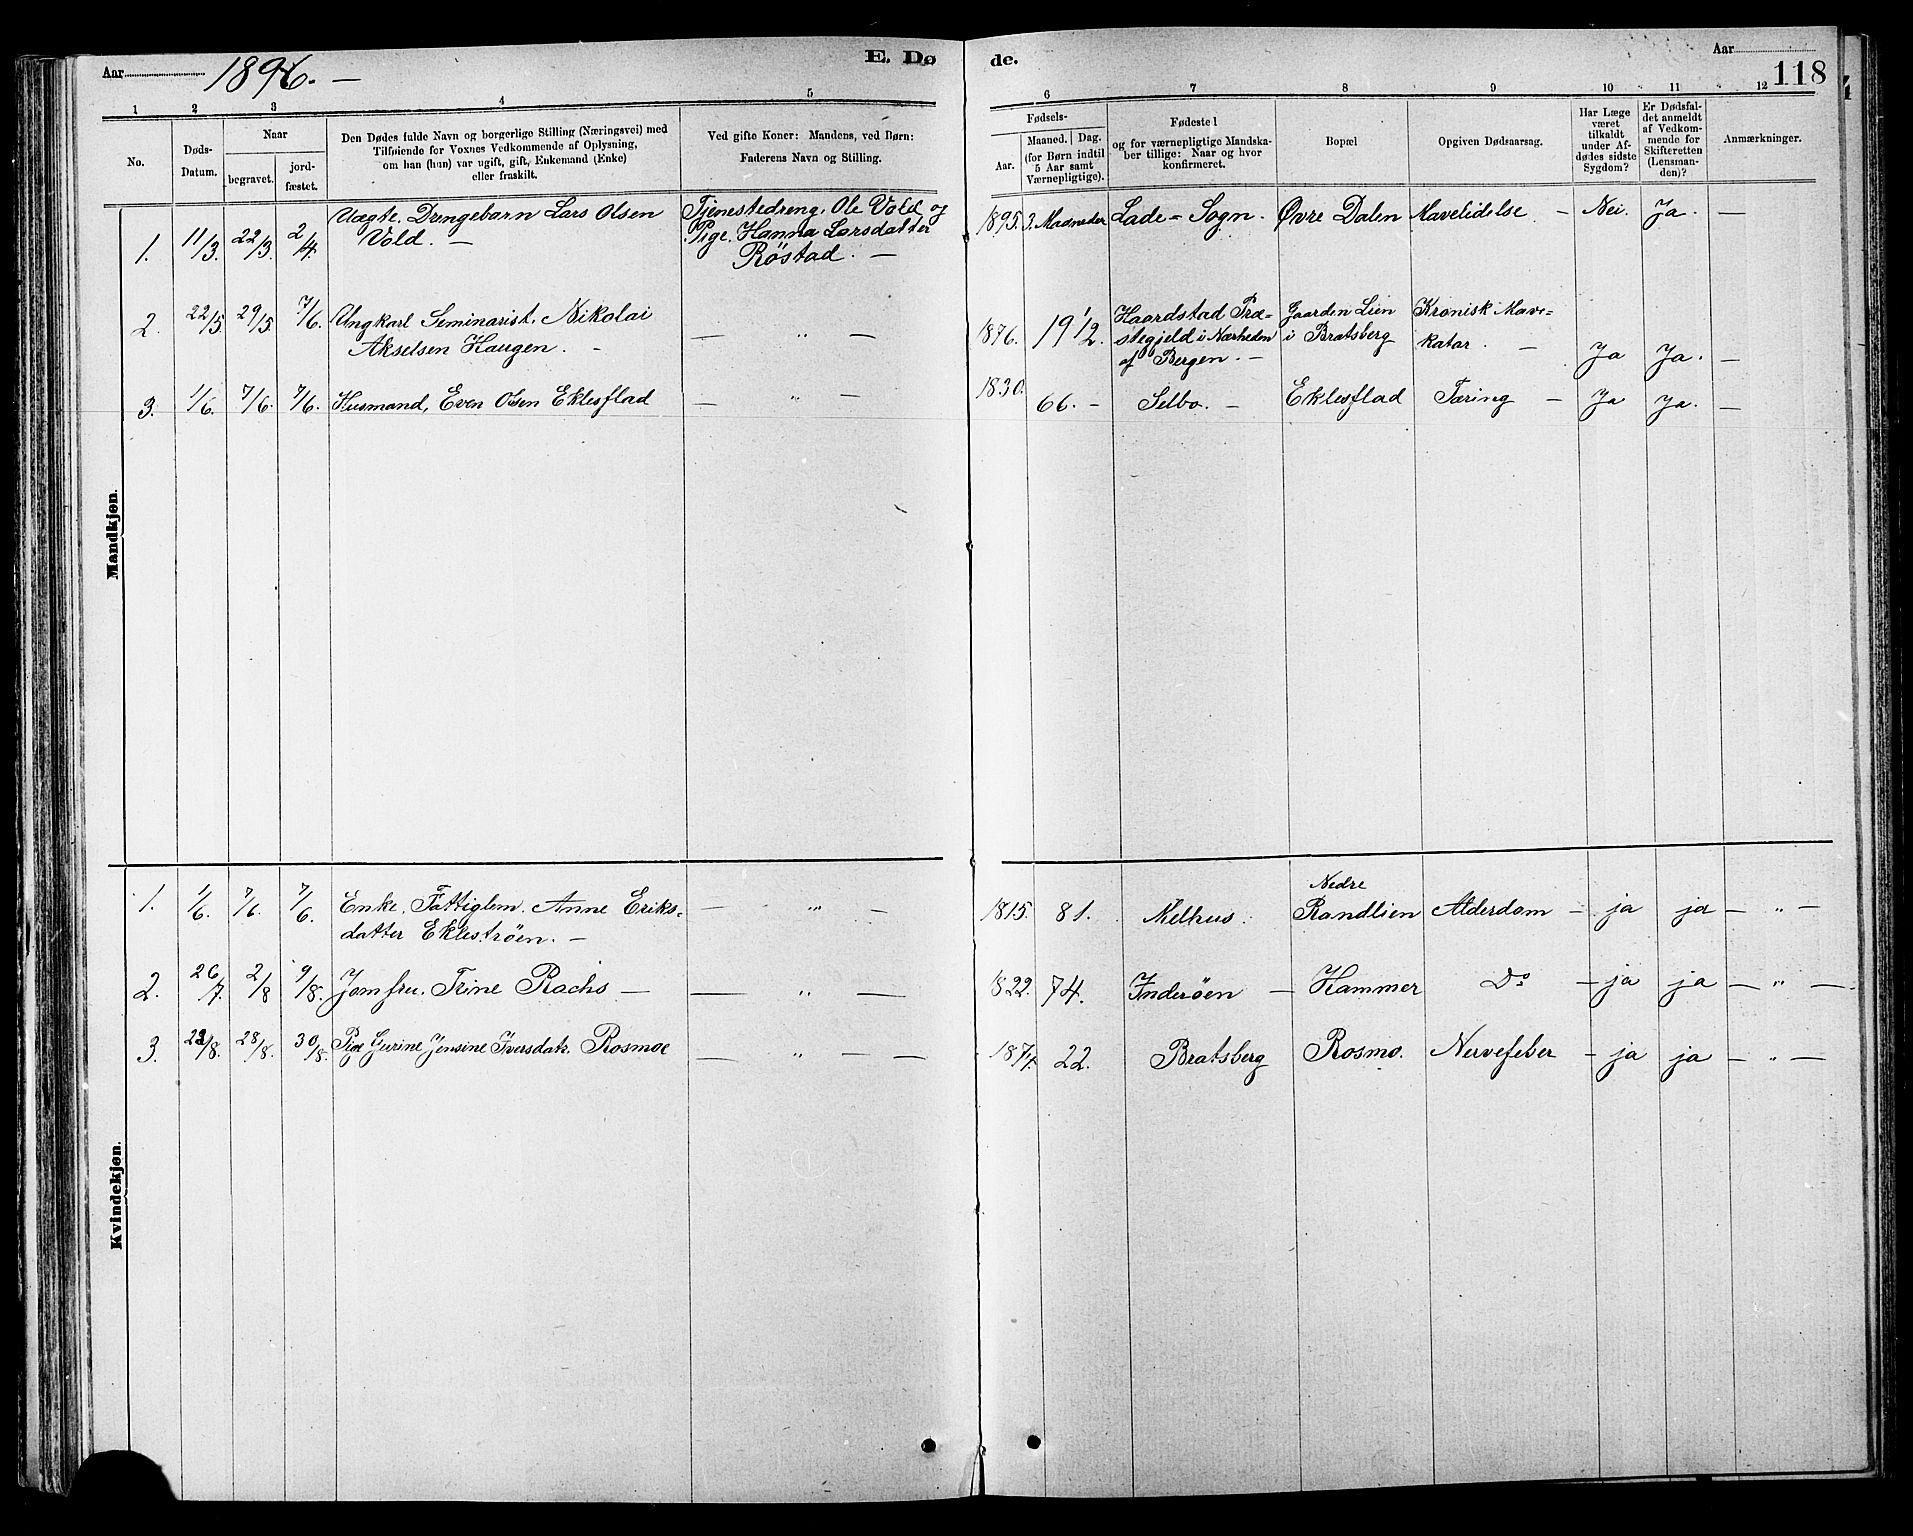 SAT, Ministerialprotokoller, klokkerbøker og fødselsregistre - Sør-Trøndelag, 608/L0341: Klokkerbok nr. 608C07, 1890-1912, s. 118